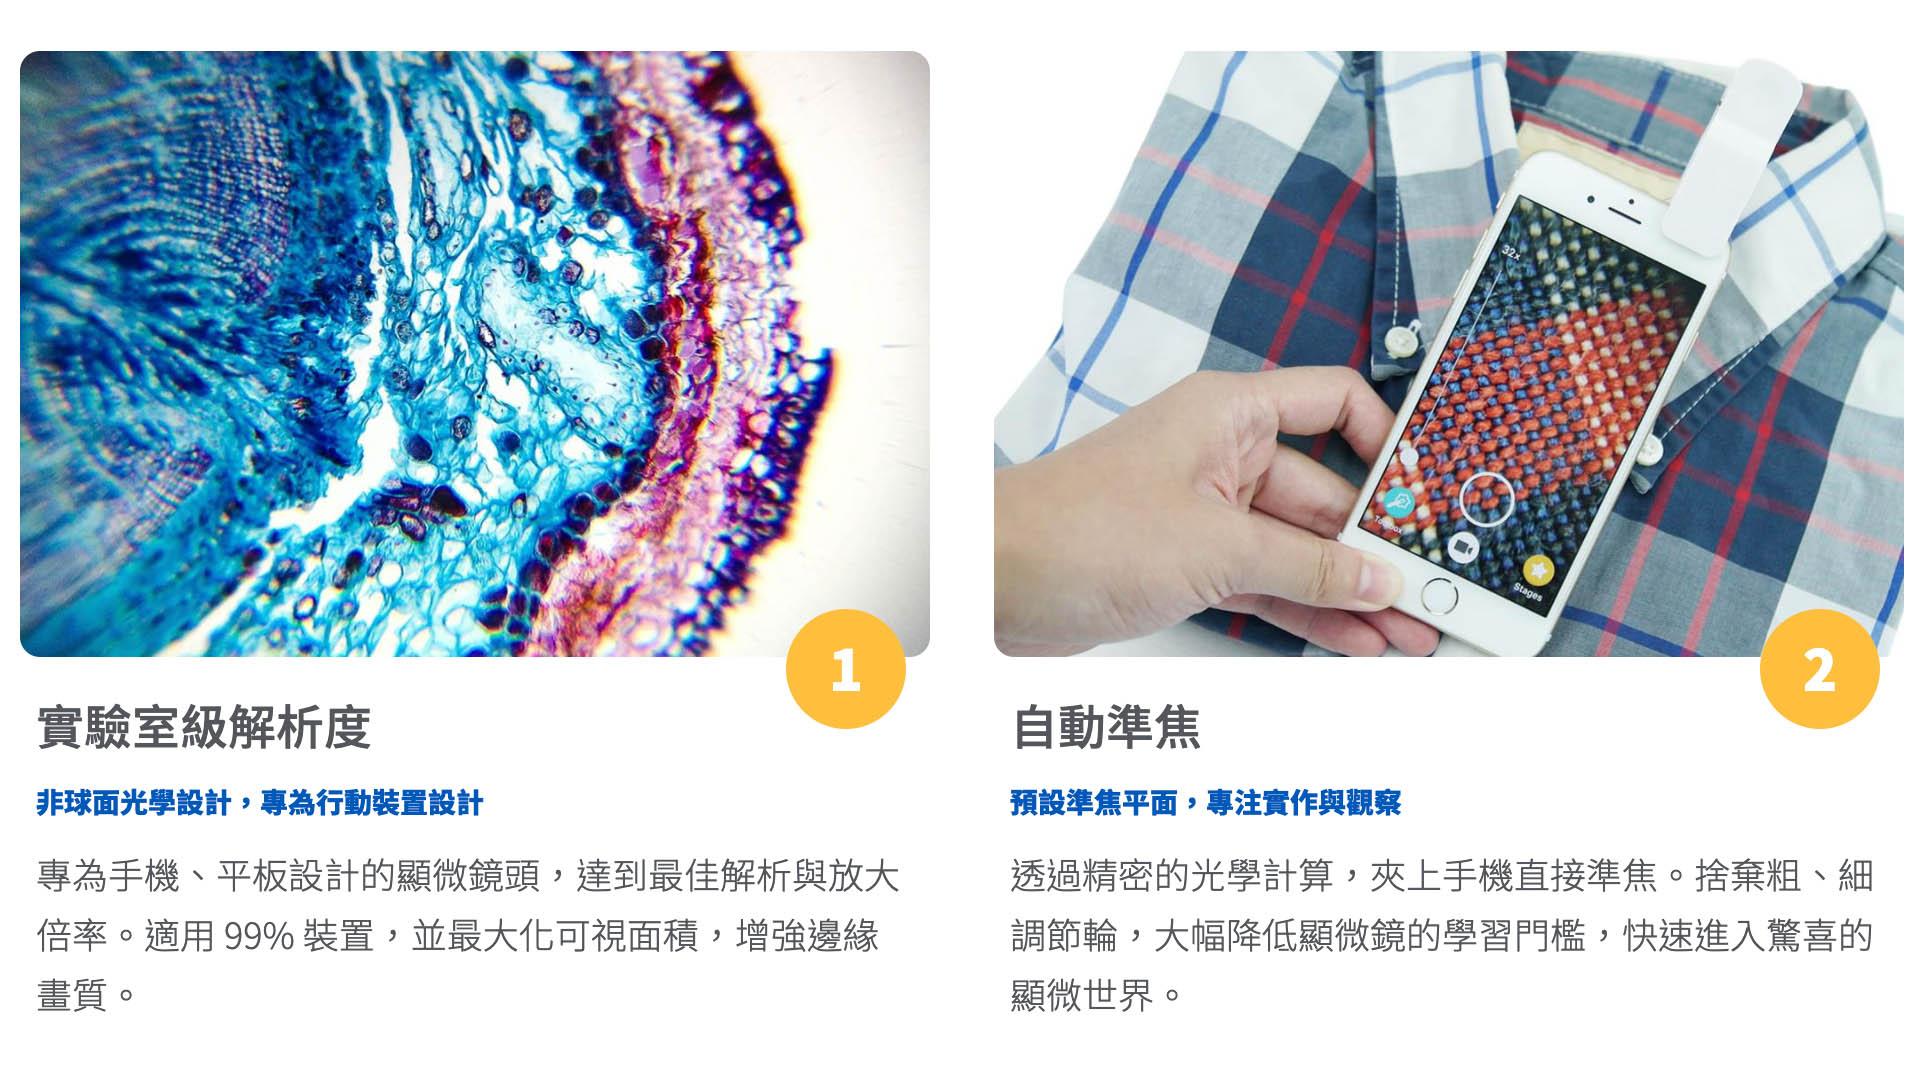 最受歡迎的 6 大產品特色(1&2)